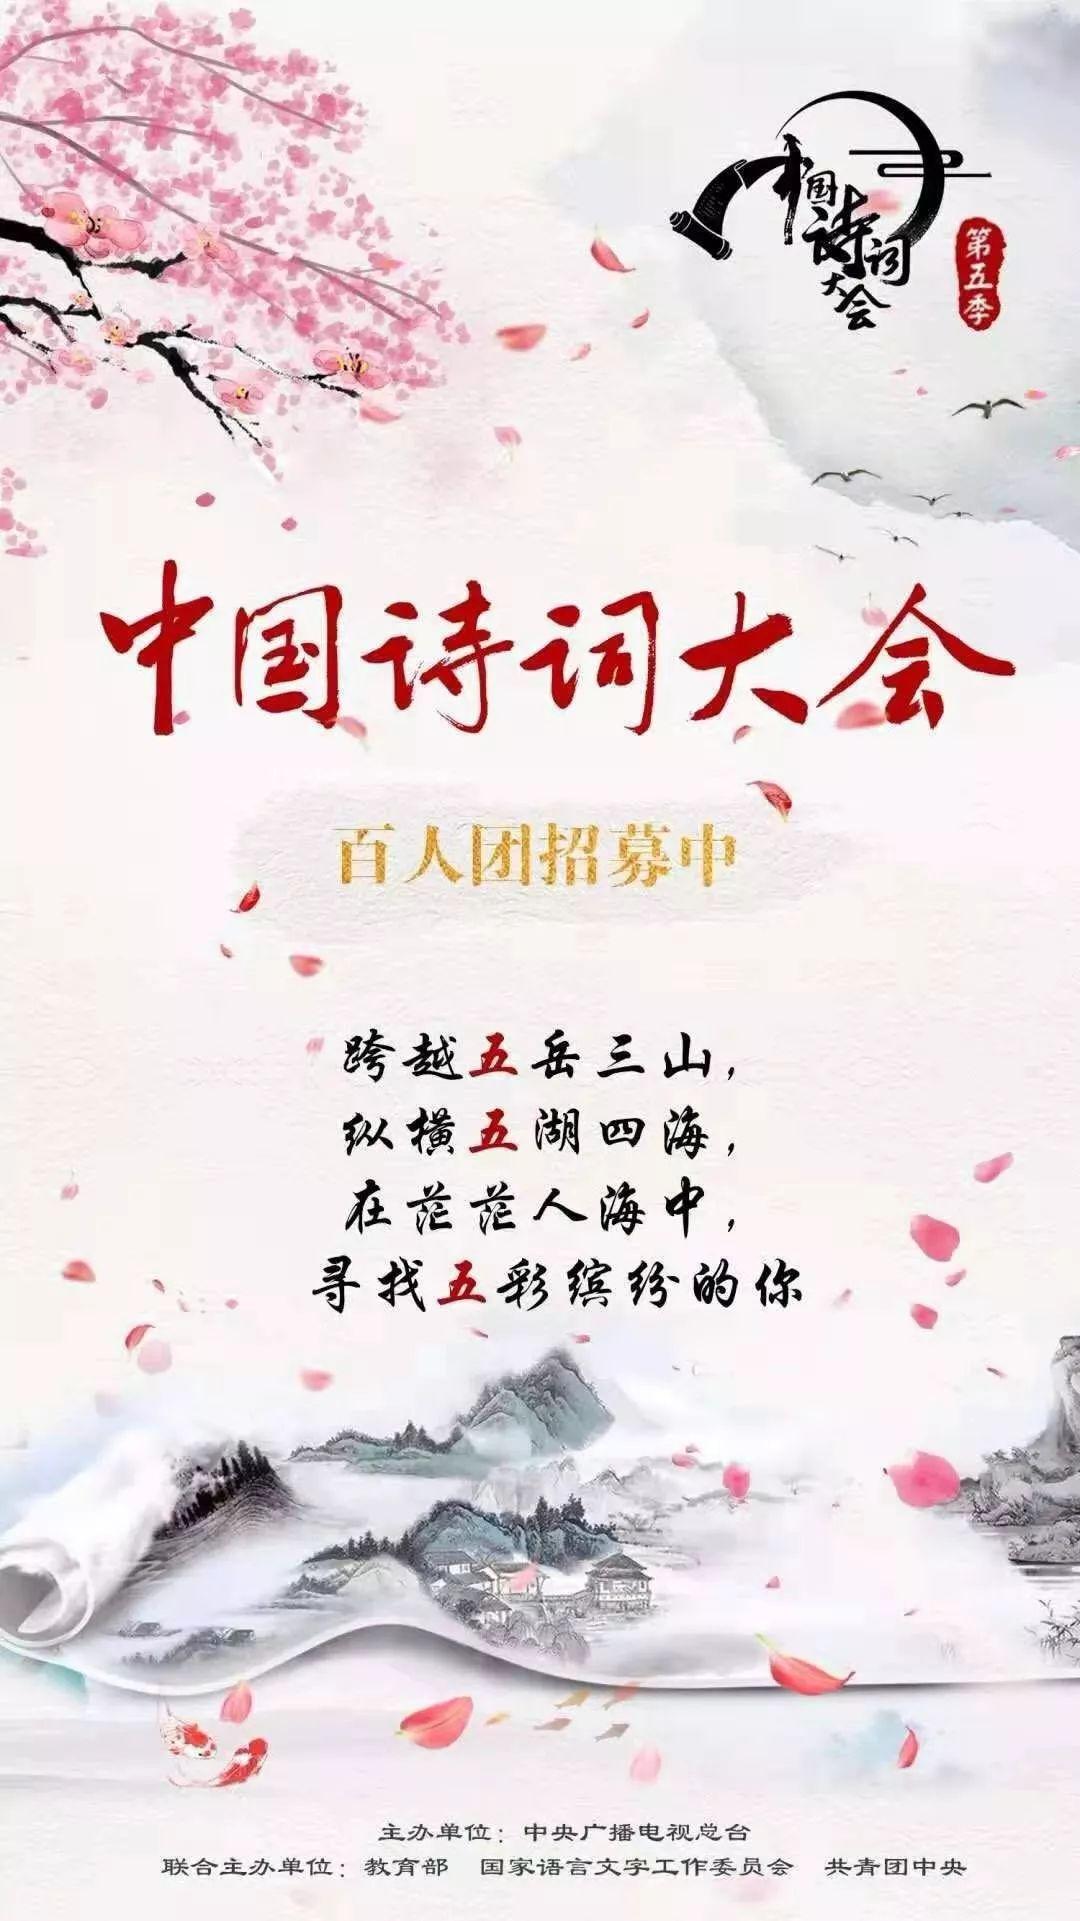 《中国诗词大会》第五季来了!江西九江赛区选拔赛等你来挑战!